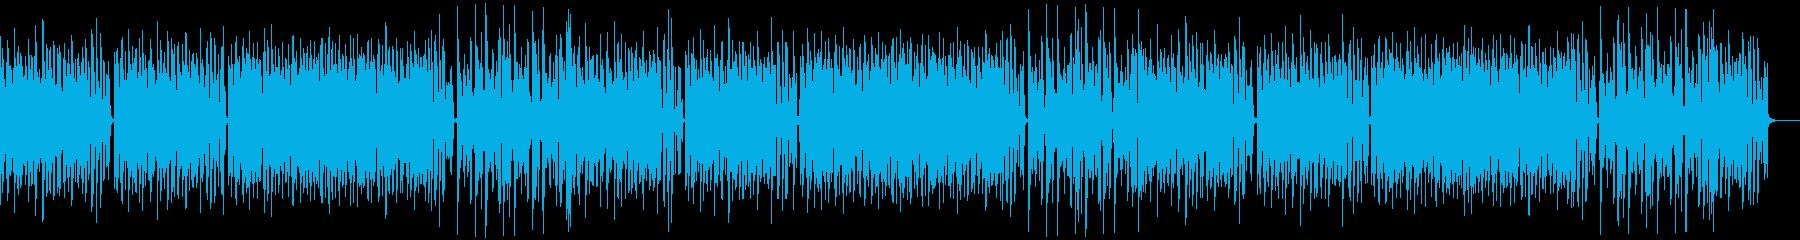 コミカル/静かめカラオケの再生済みの波形